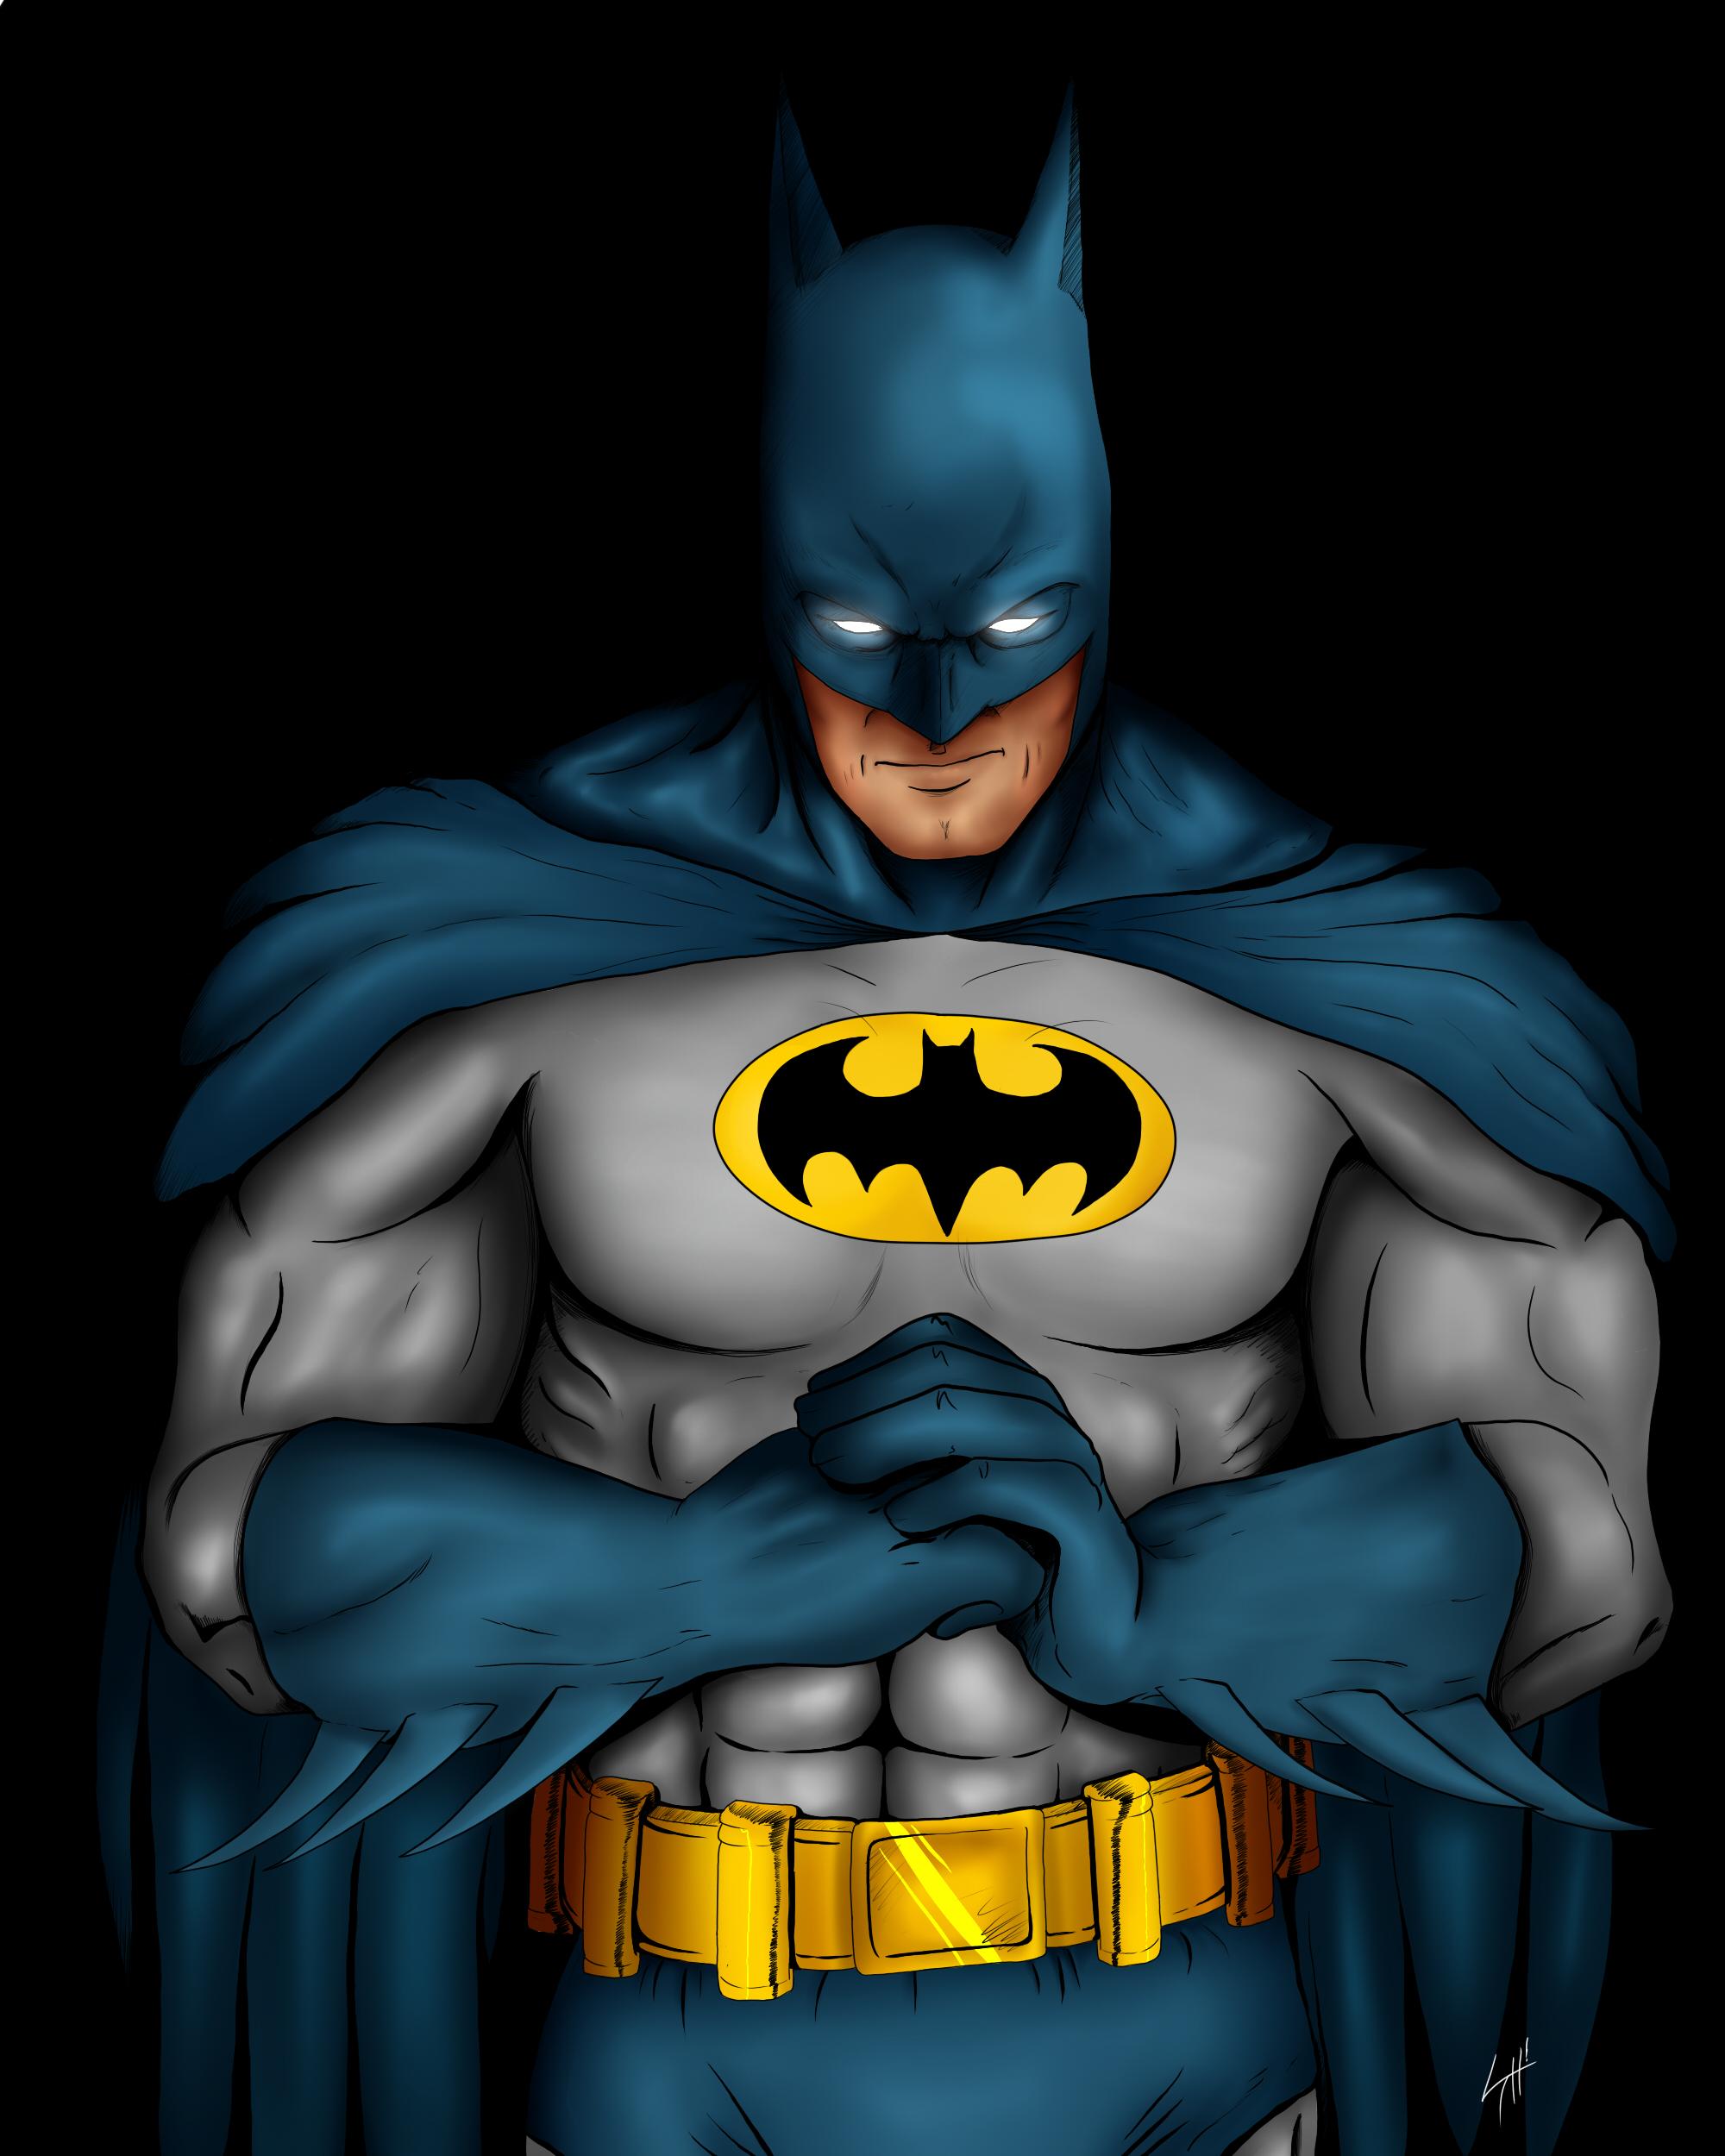 Batman 70s Arkham City By SylunaHirokashi On DeviantArt